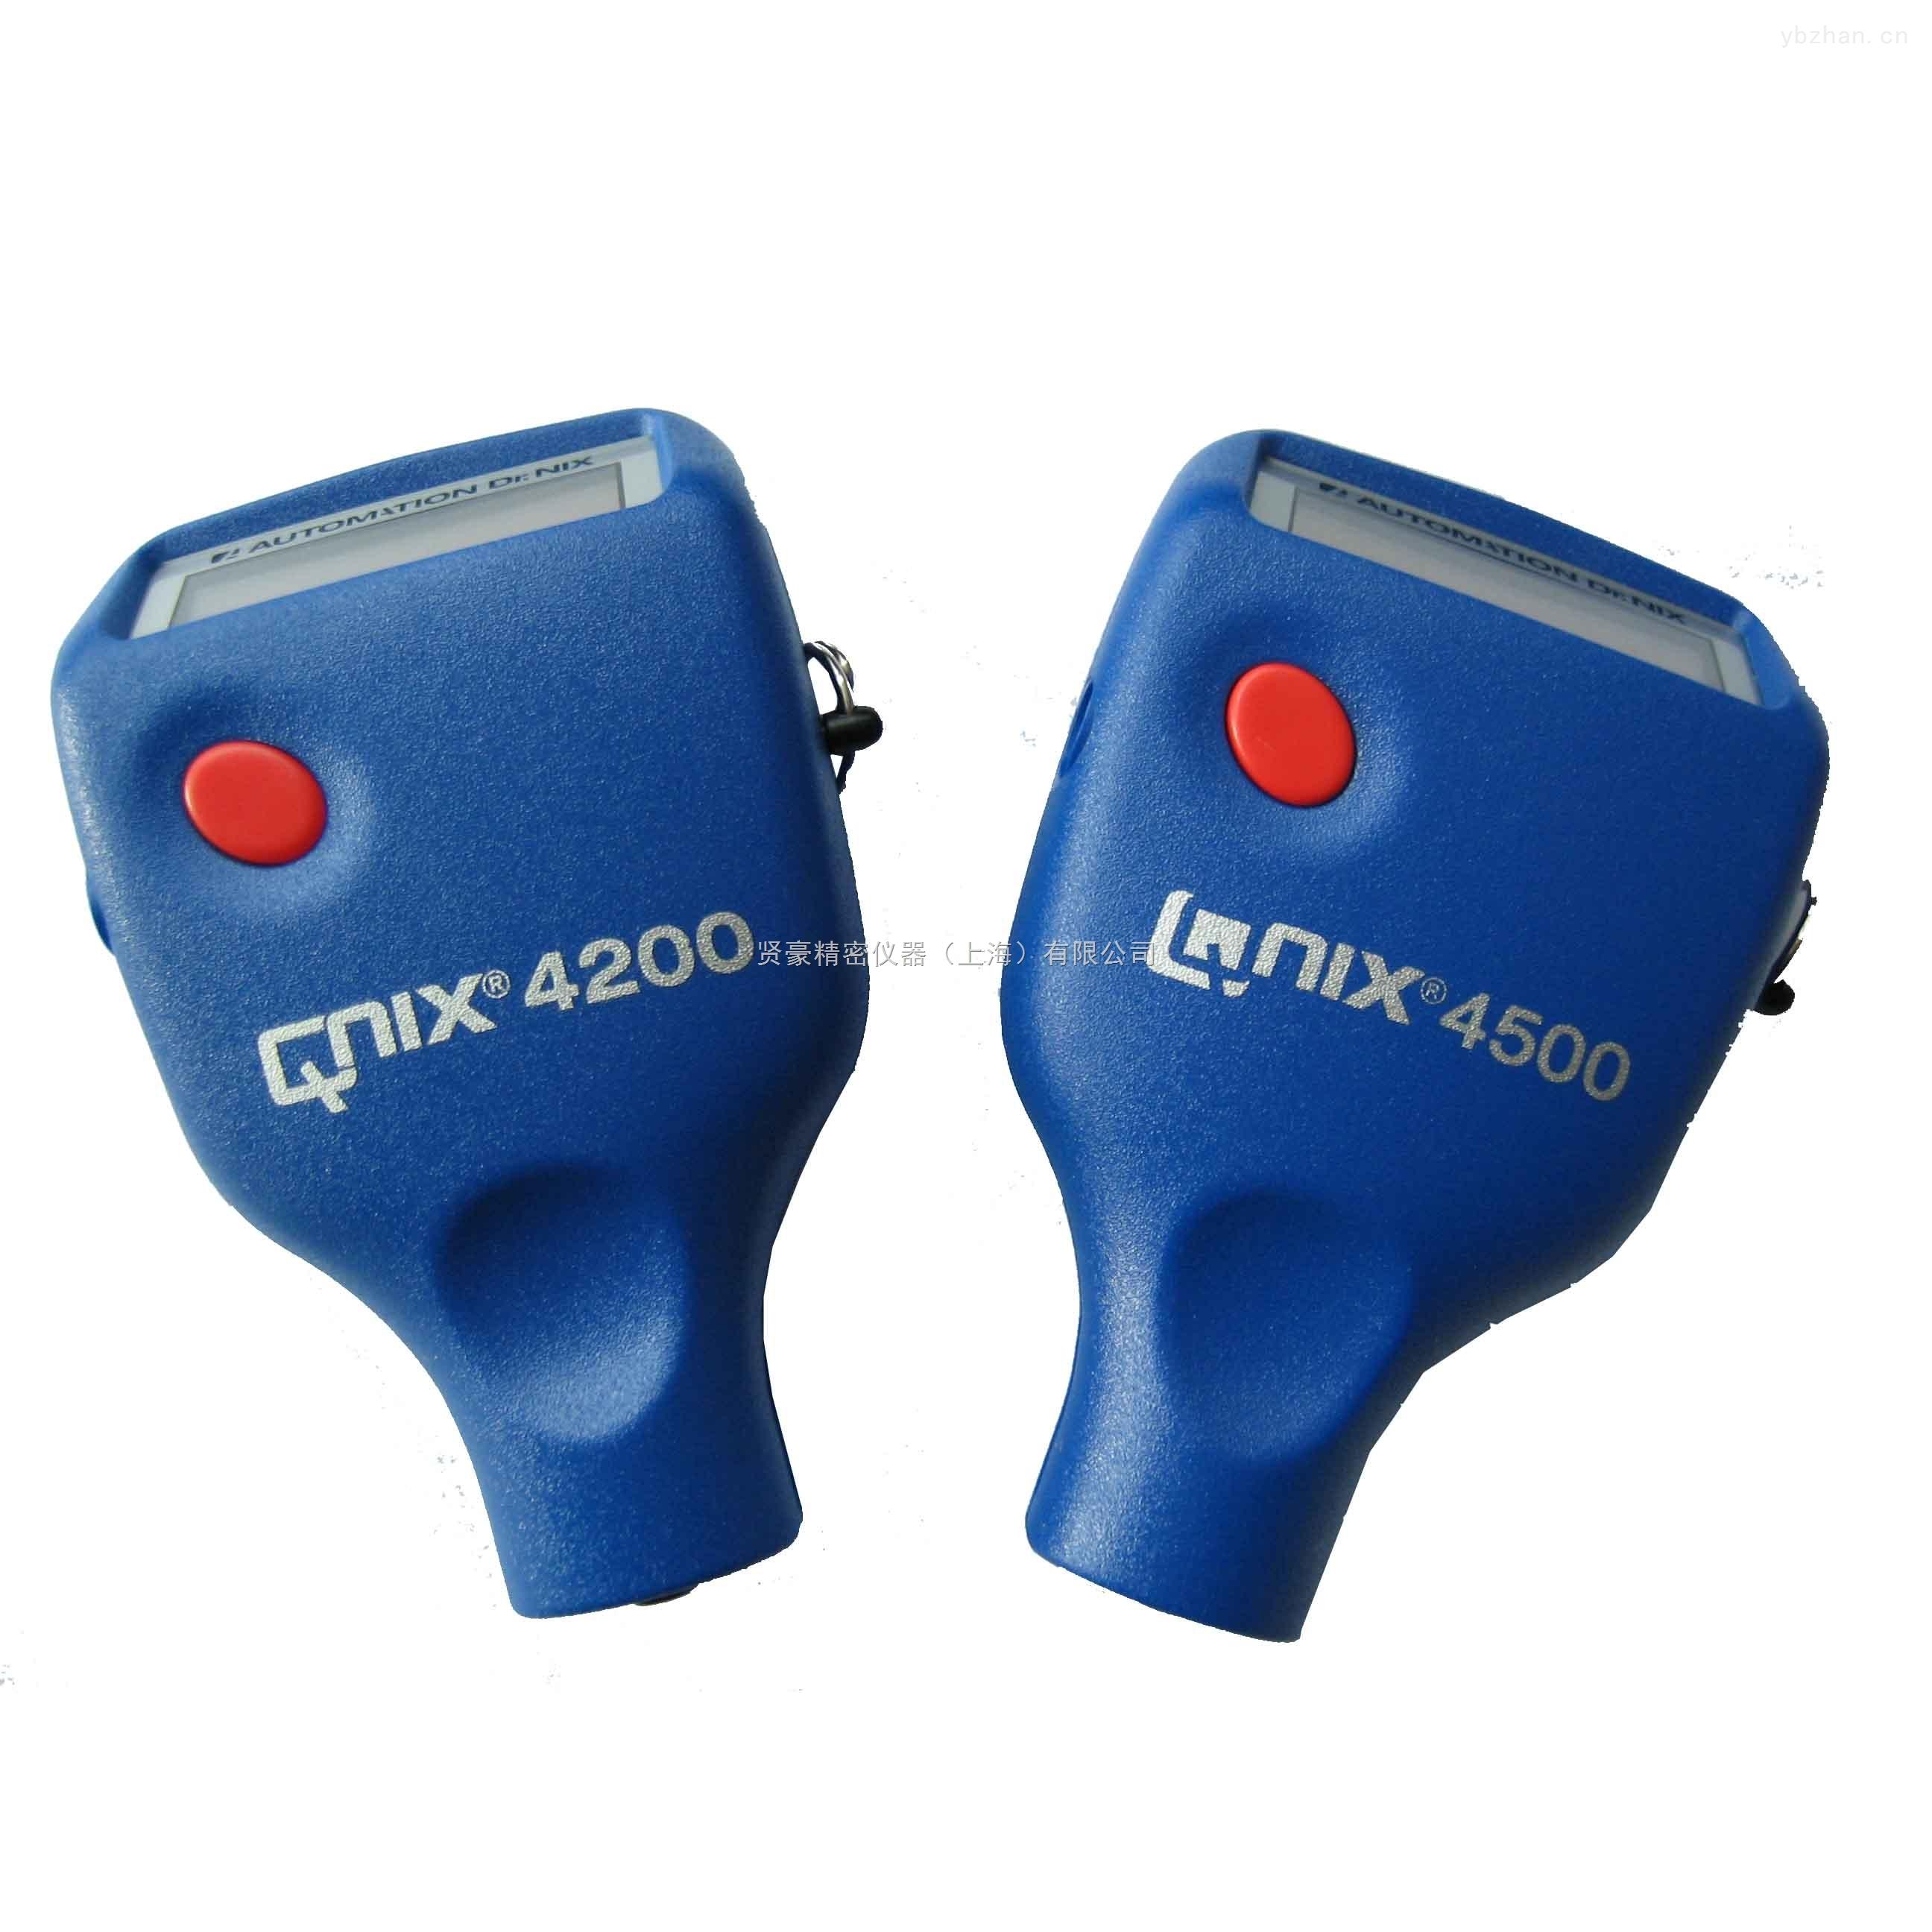 賢豪QNix4200涂層測厚儀